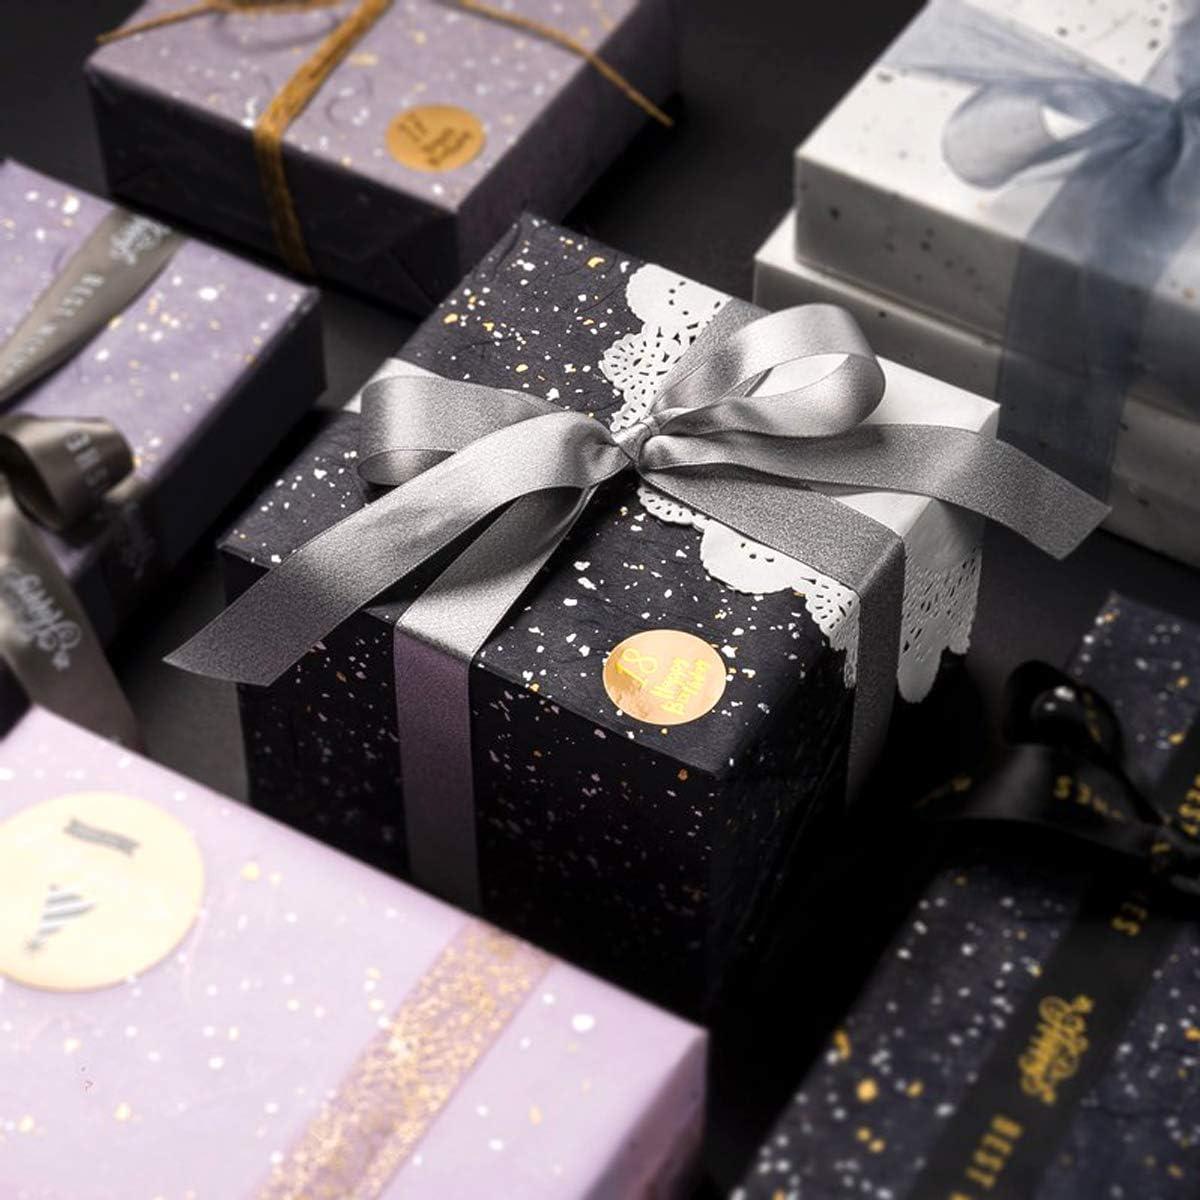 Liwein Geschenkpapier Geburtstag Geschenkpapierrolle Schwarz Geschenkpapierb/ögen Geschenkverpackung+Schleifenband für Muttertag Valentinstag Hochzeit Kinder Weihnachten-10 Bogen-60 x 60cm